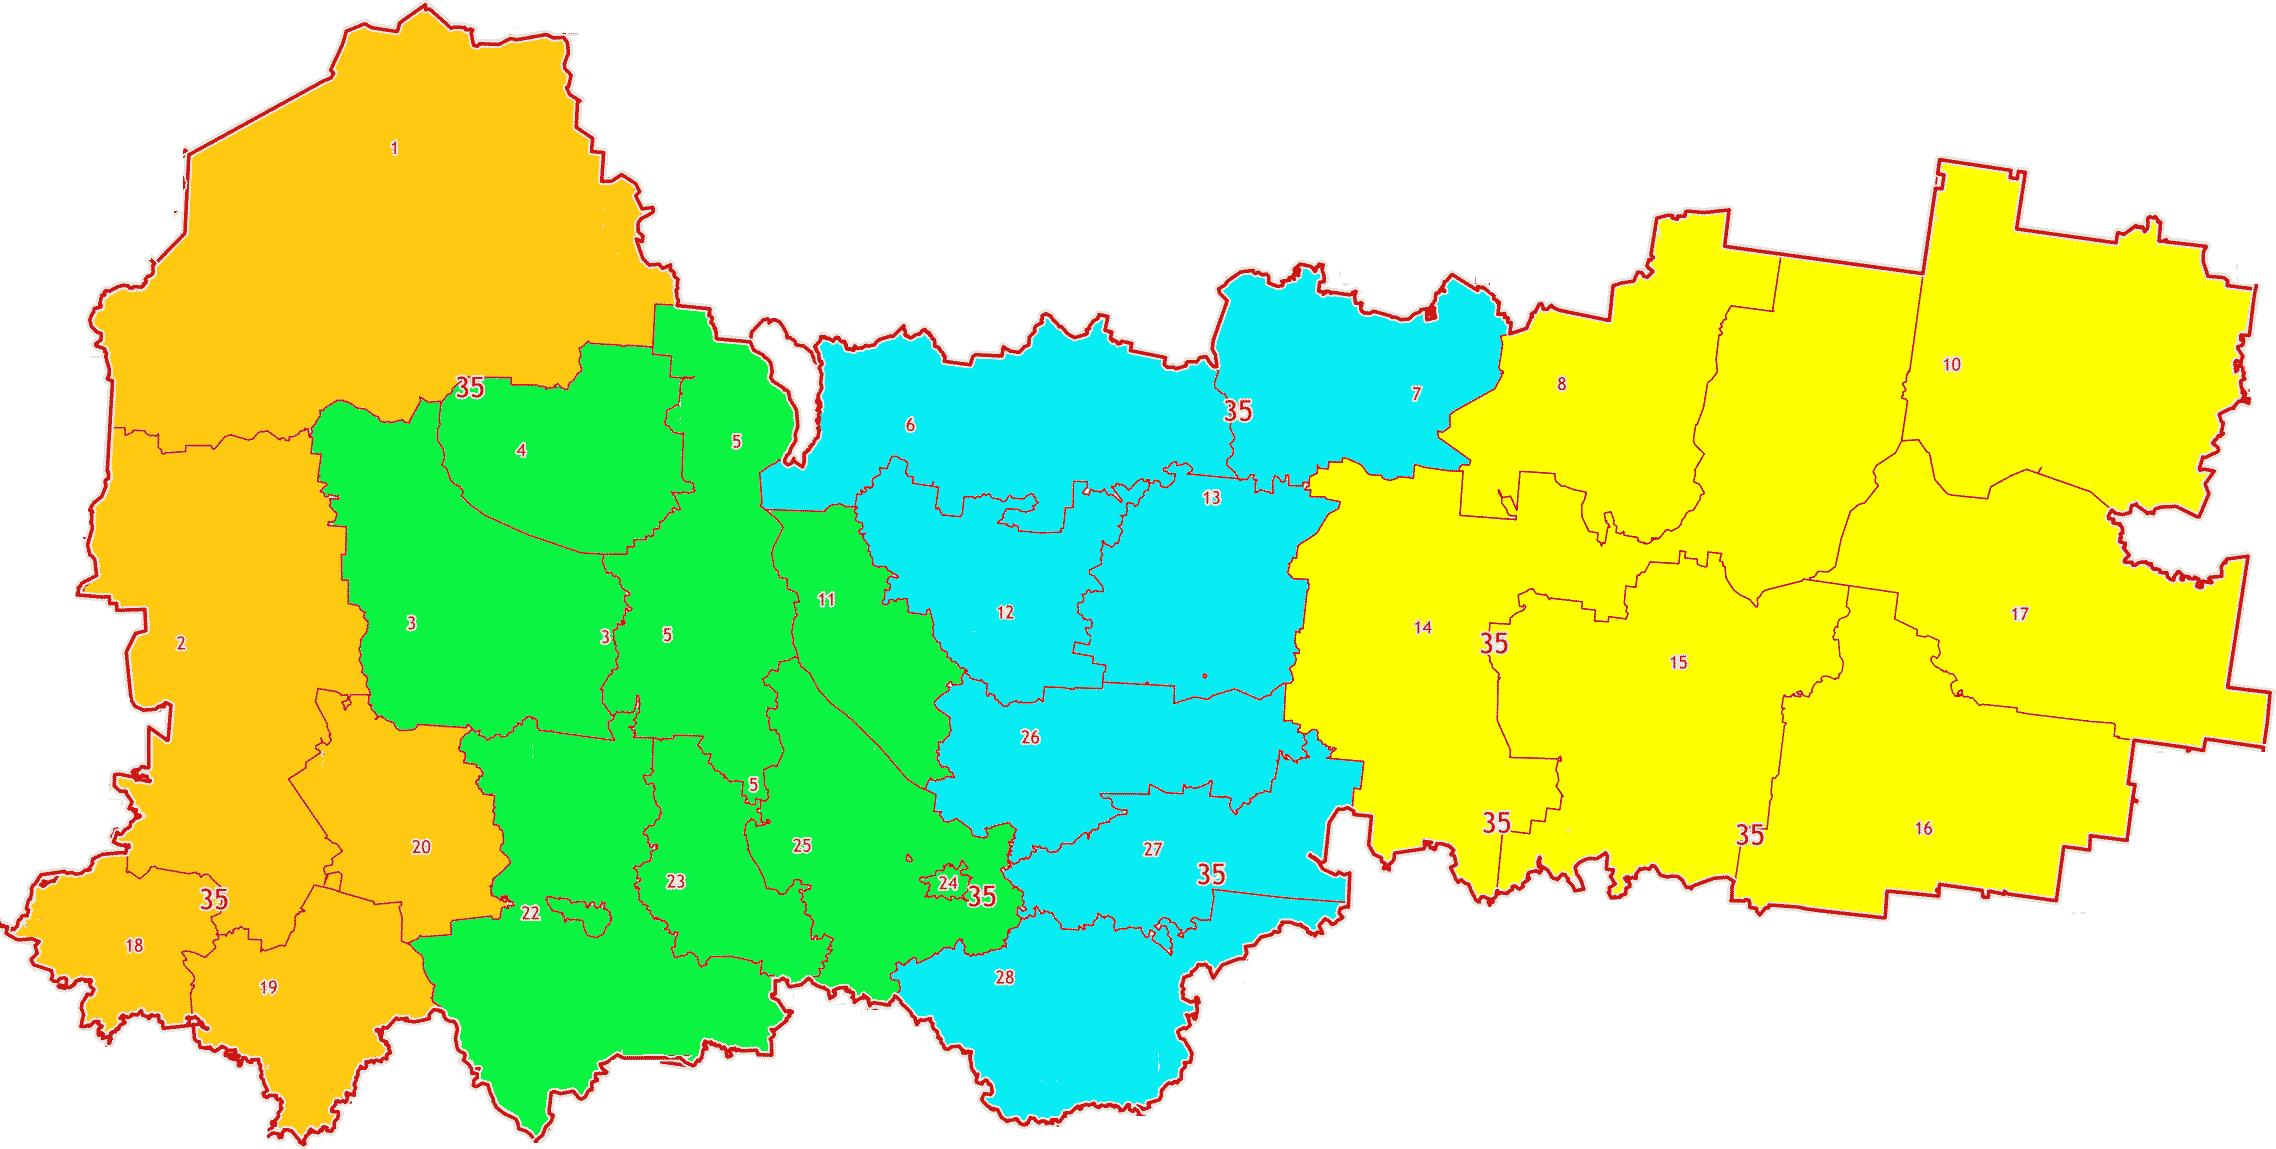 Карта зон МСК-35 Вологодской области